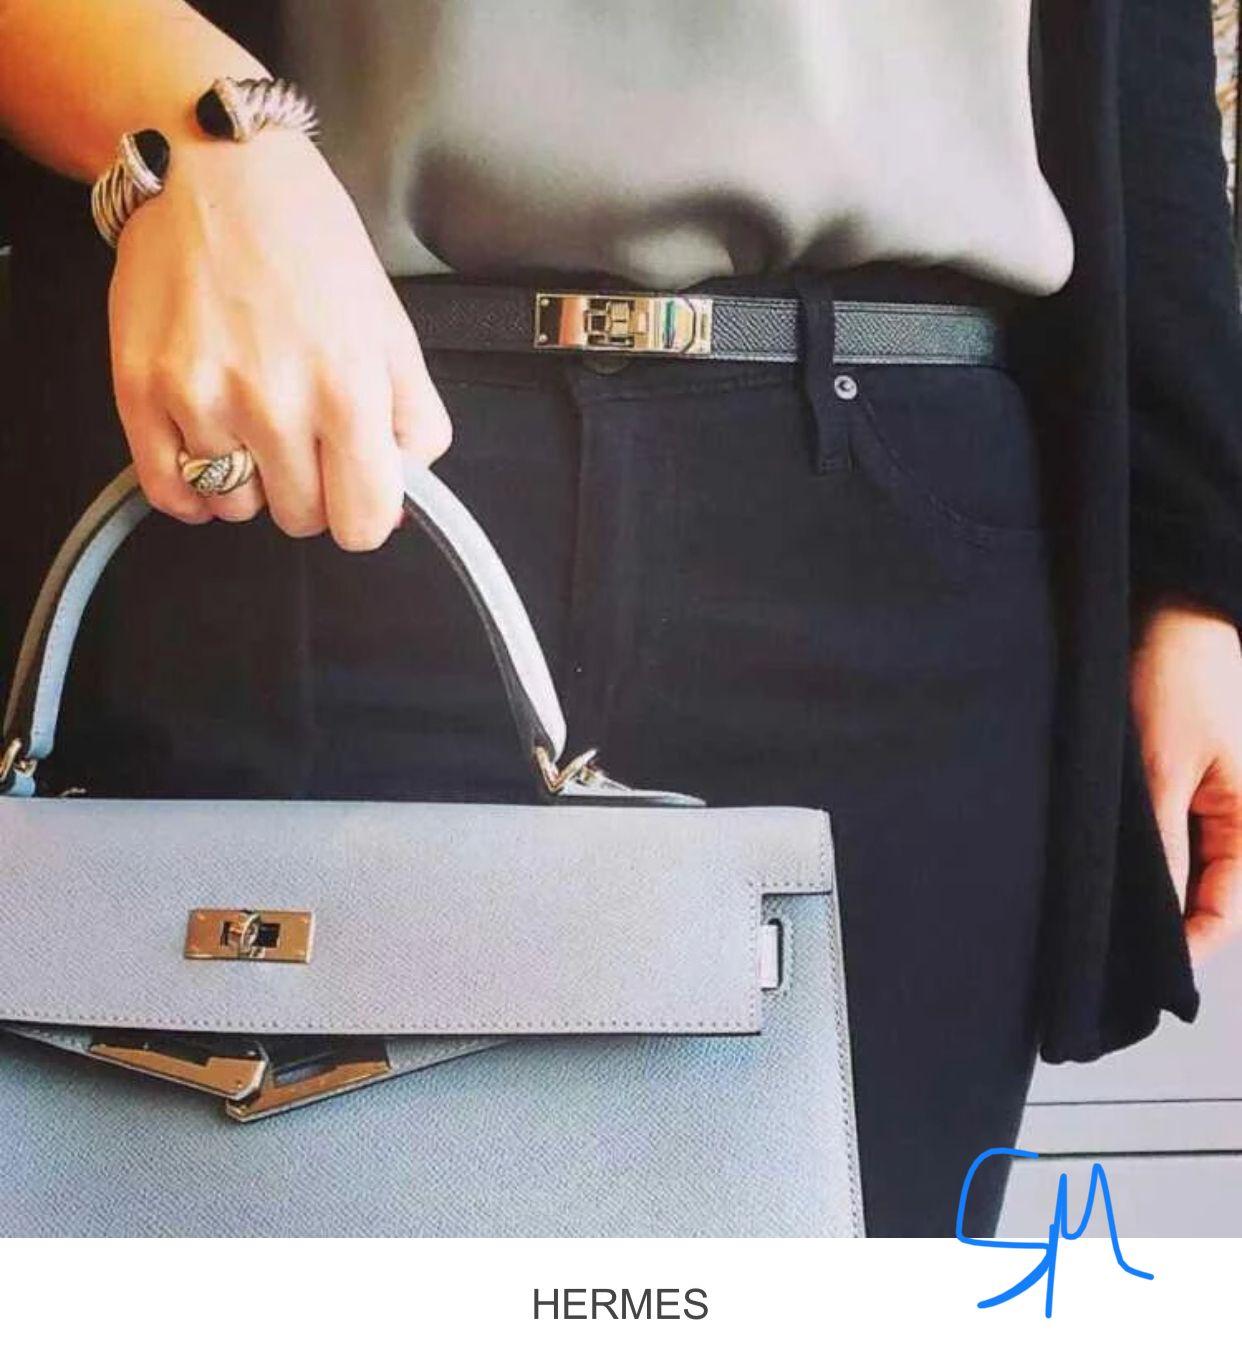 Hermes ceinture Kelly   Hermes belt   Hermes kelly, Hermès et Hermes ... 0b96c1dd592